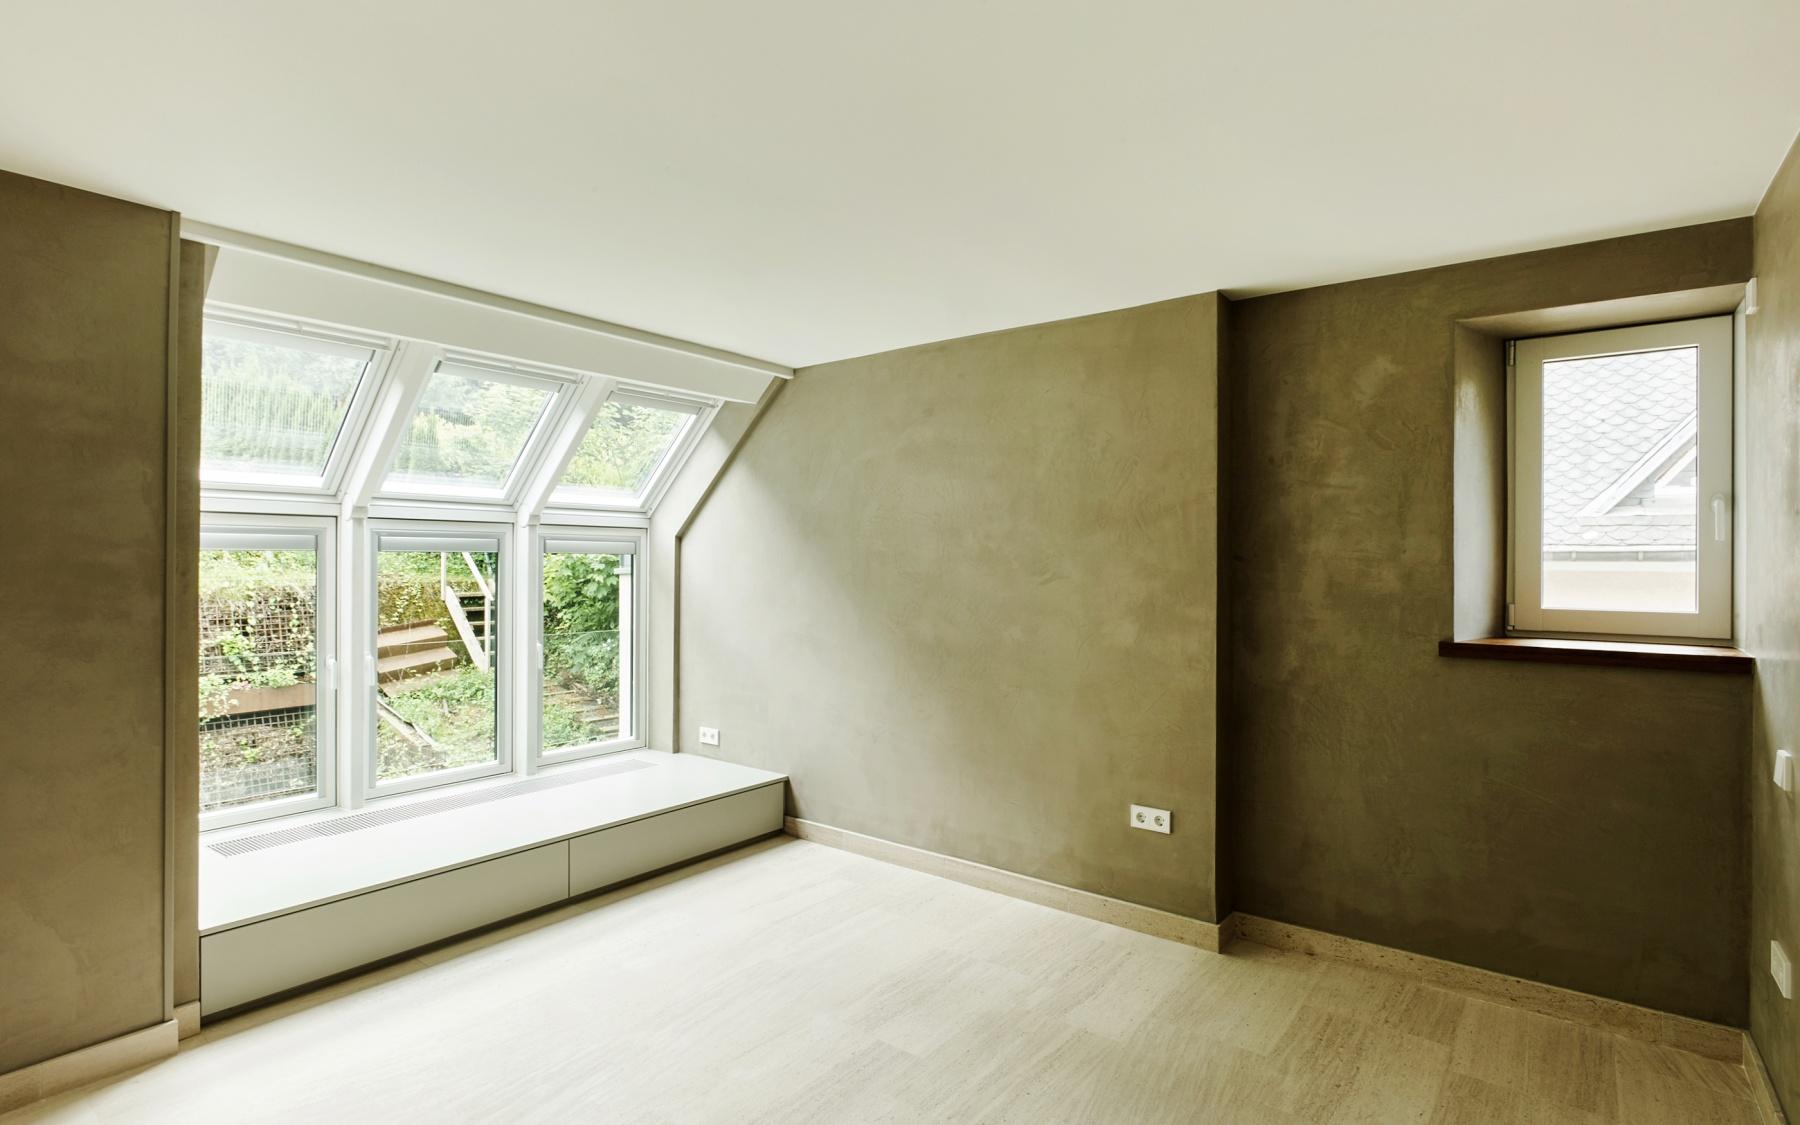 Maison à Luxembourg-Weimerskirch